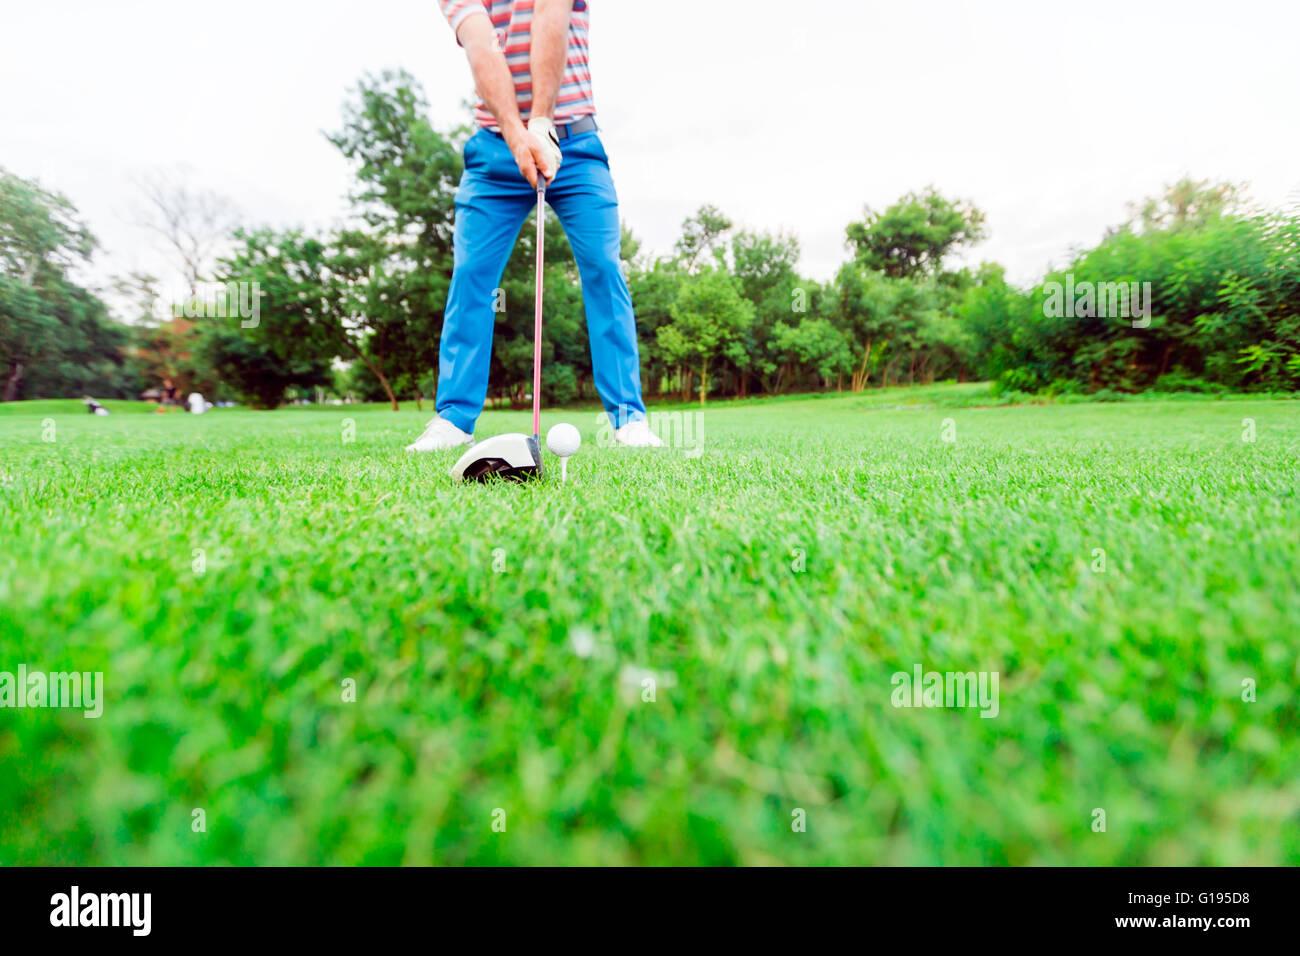 Golfista preparándose para tomar una foto. Fotos de gran angular Imagen De Stock